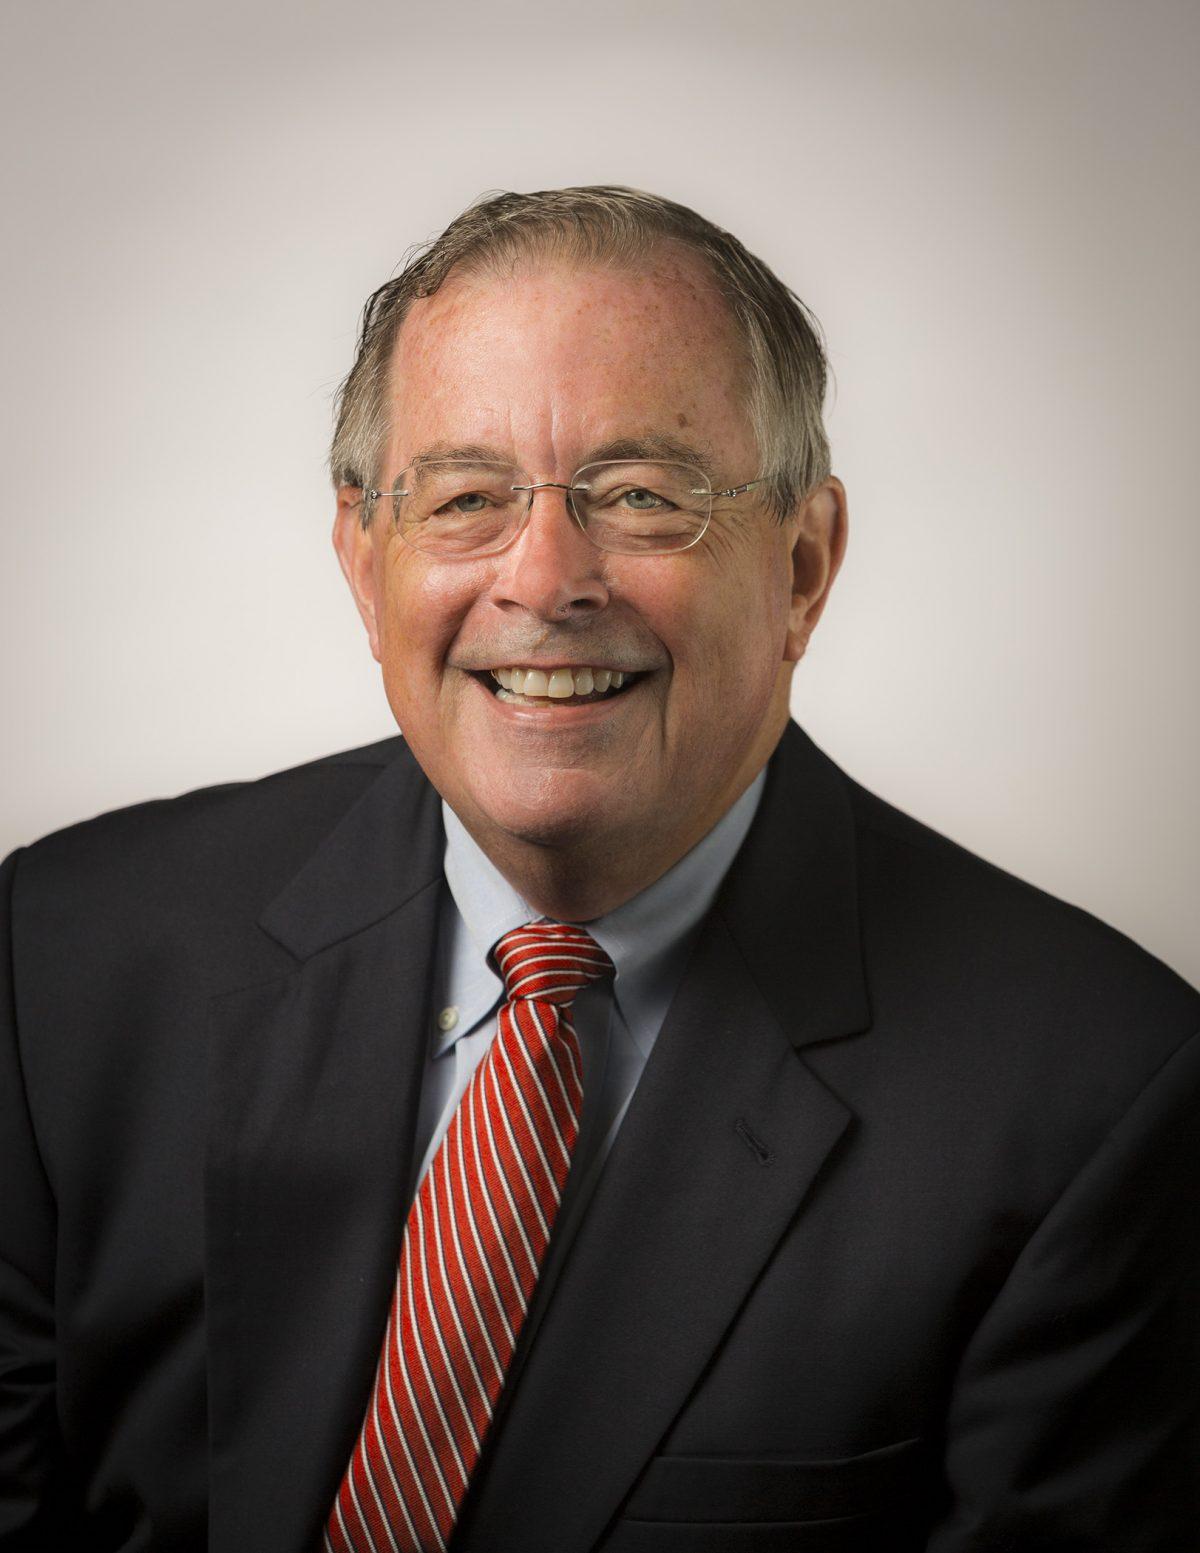 Dean Kenneth Davis